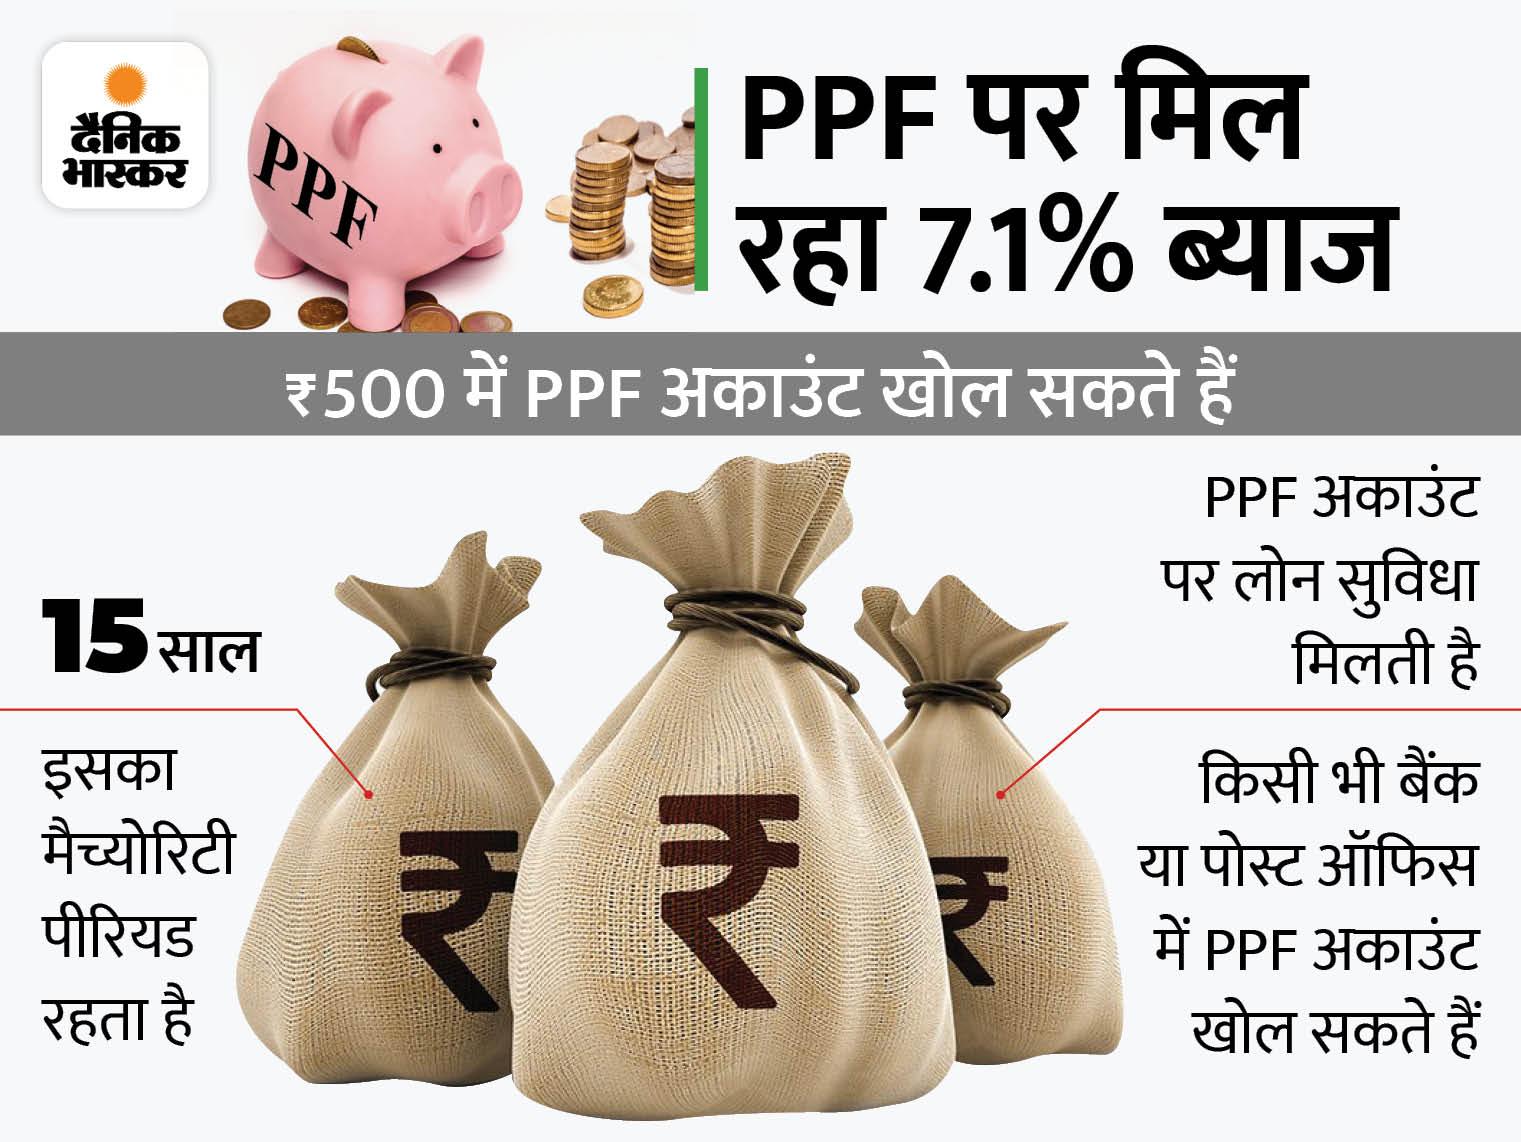 PPF में निवेश करके कमा सकते हैं FD से ज्यादा रिटर्न, टैक्स छूट और लोन का भी मिलेगा फायदा|बिजनेस,Business - Dainik Bhaskar